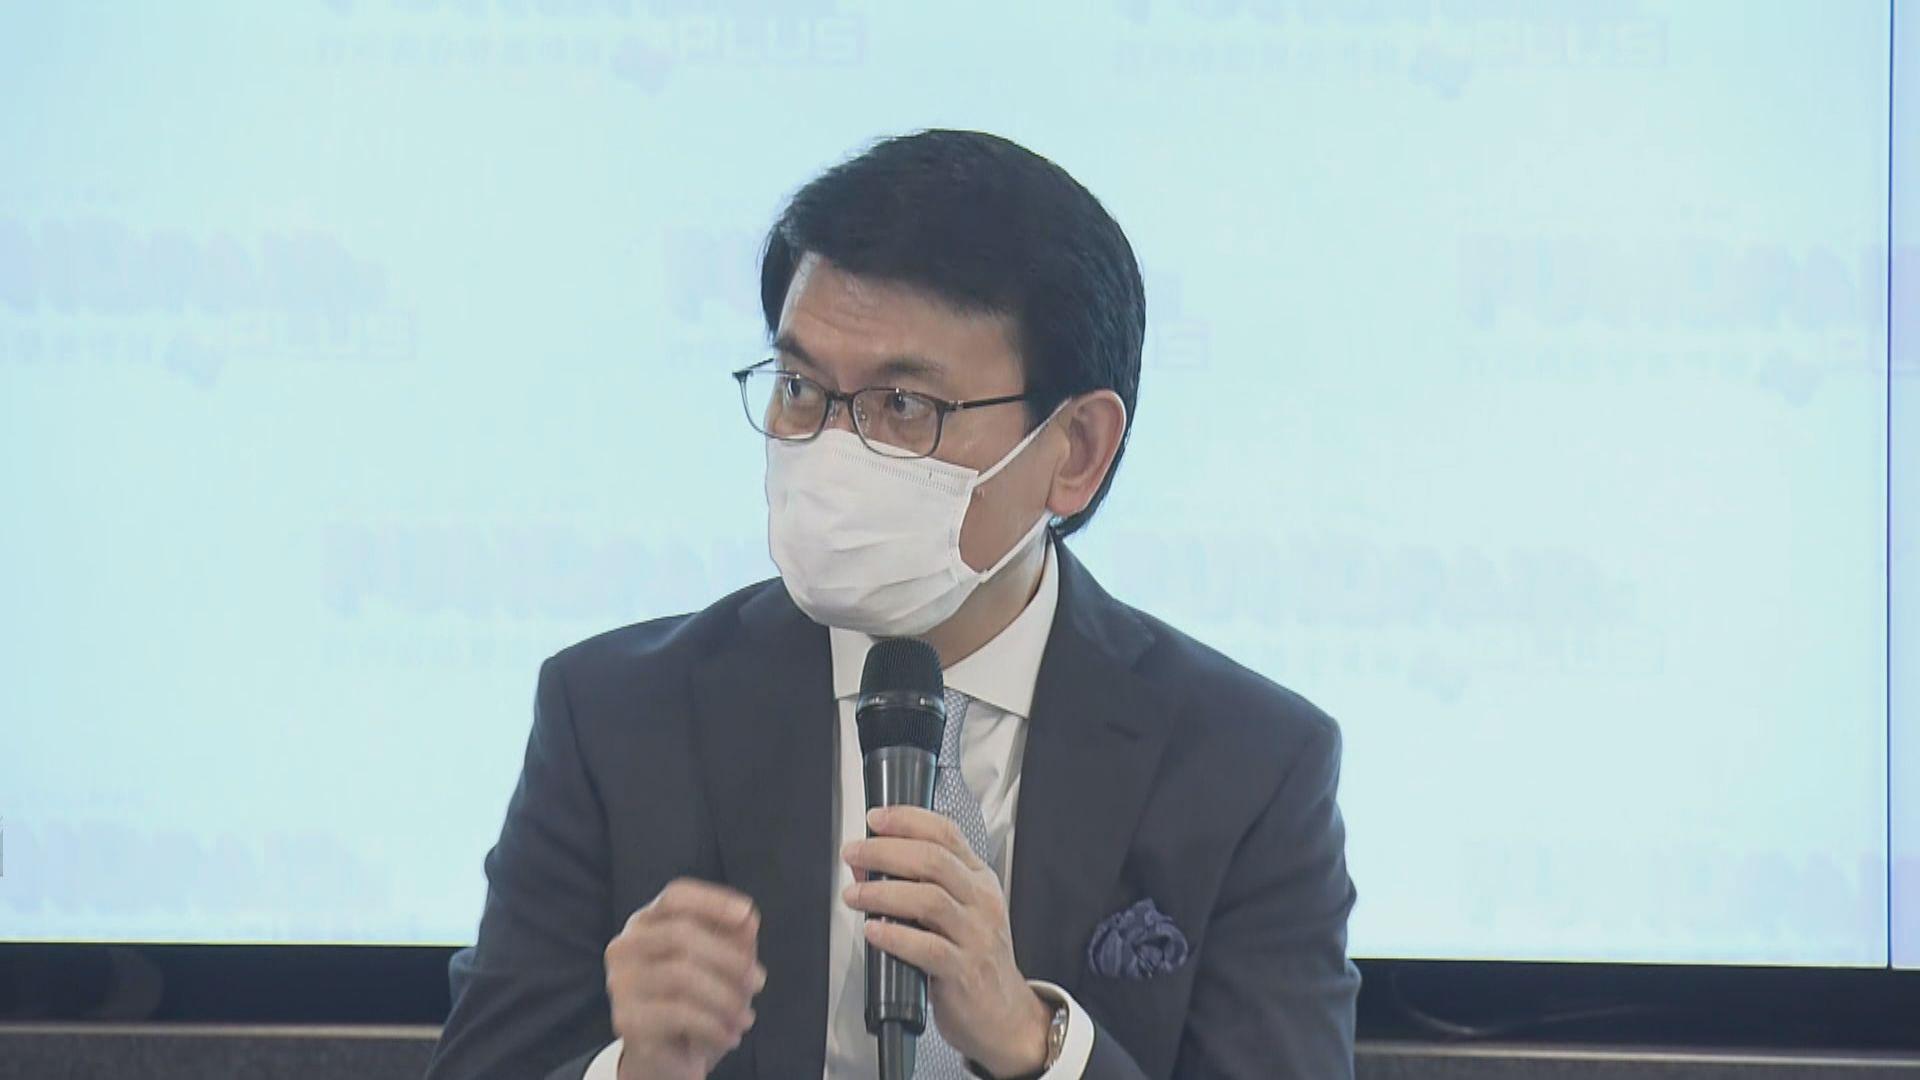 邱騰華:要透過不同資助基金幫助企業度過難關